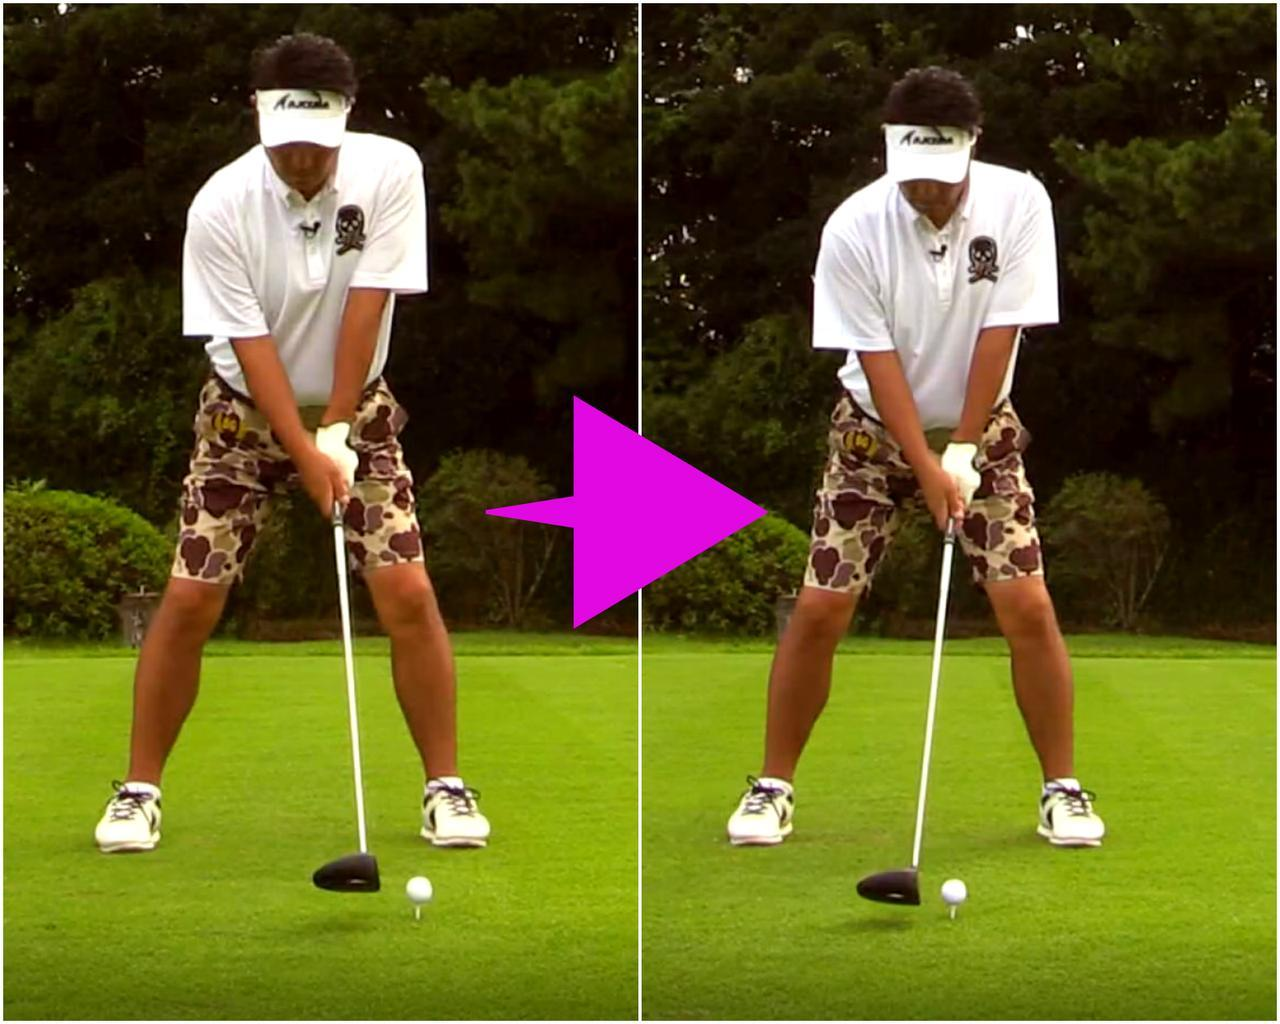 画像: 左が11時のボール位置、右がレッスン後のボール位置